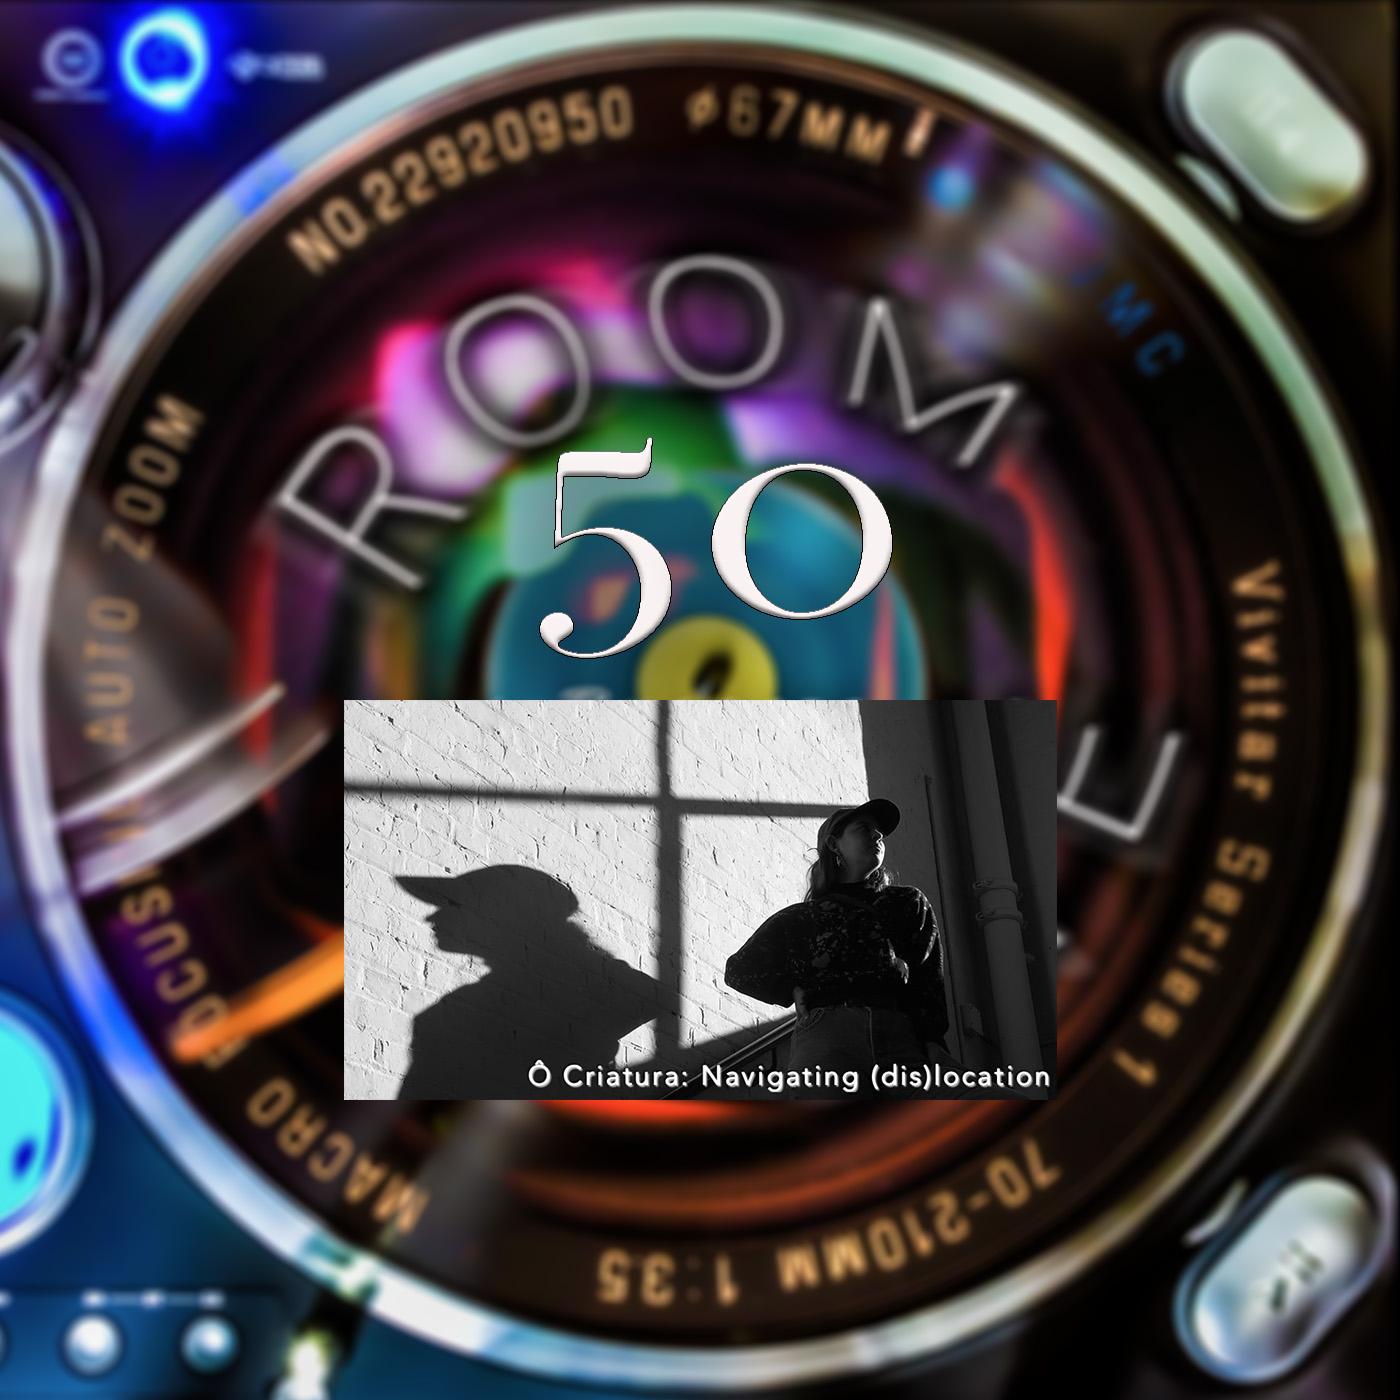 Room Tone Take 50.jpg